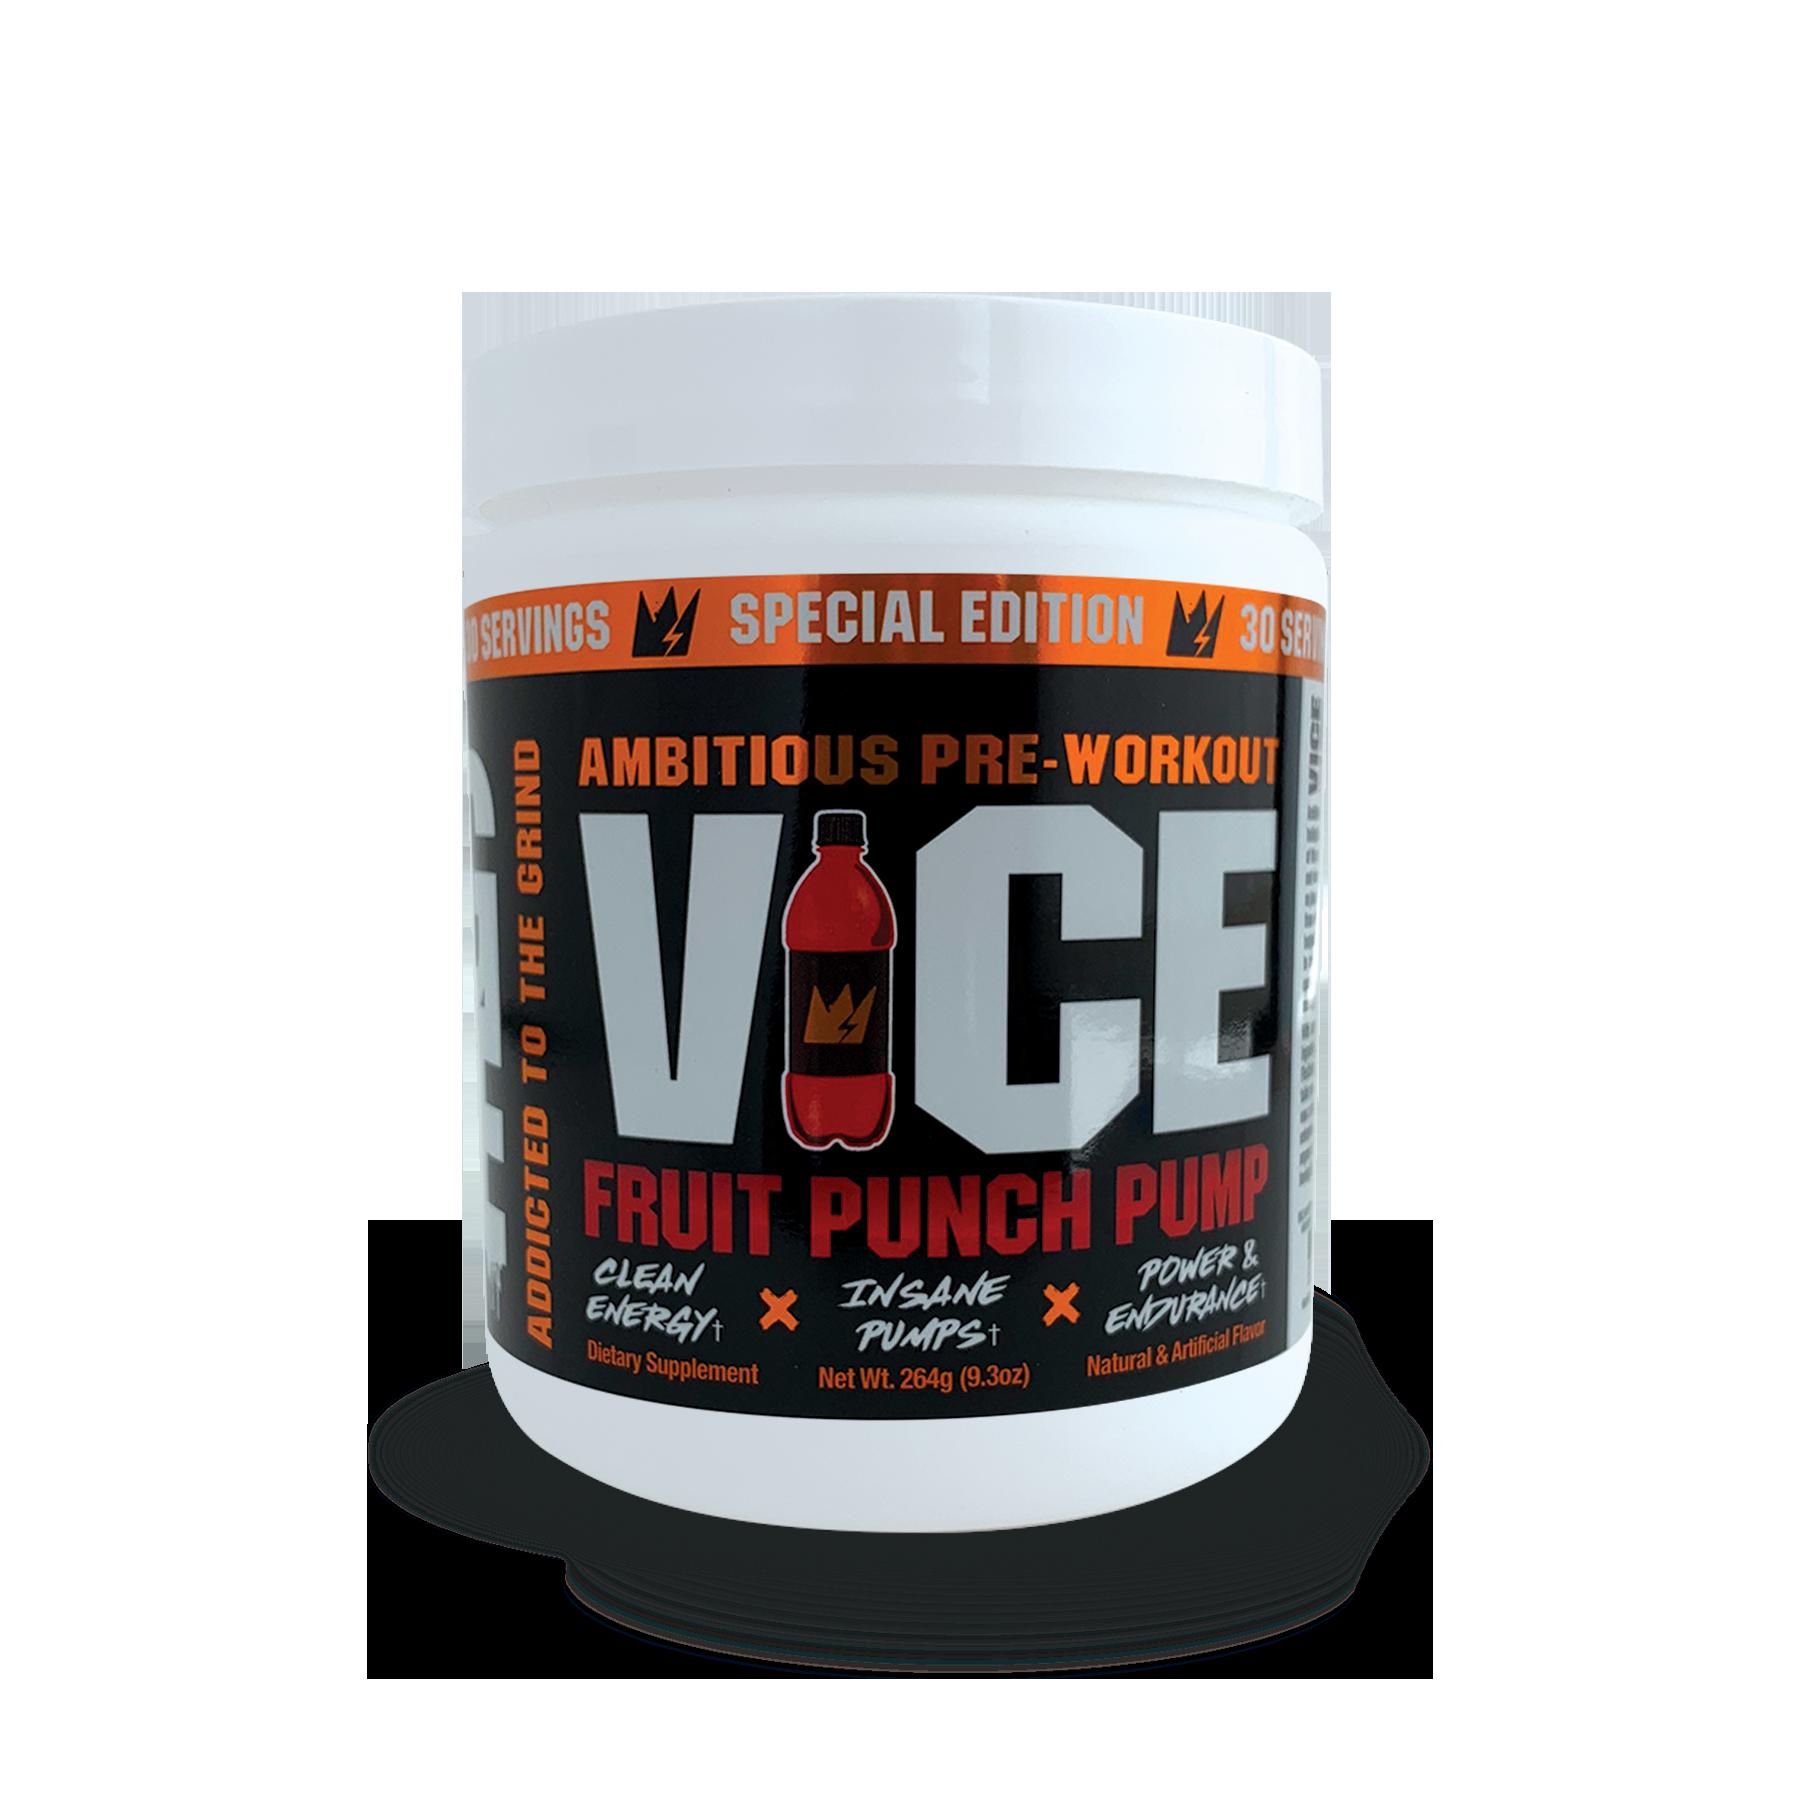 VICE: Fruit Punch Pump